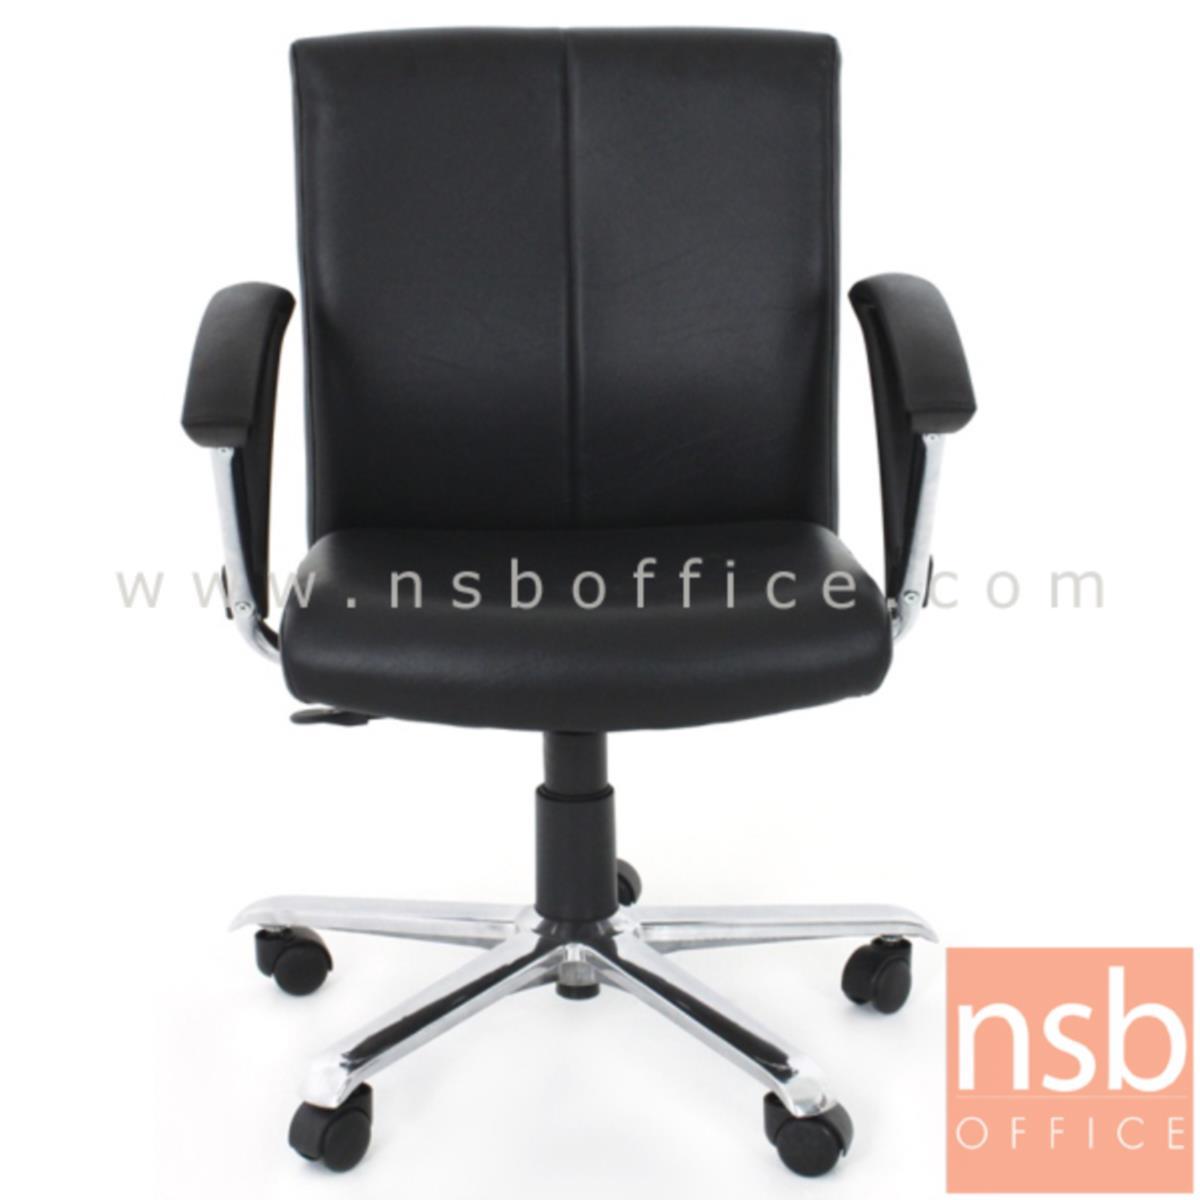 เก้าอี้สำนักงาน รุ่น Skoda (สโกด้า)  โช๊คแก๊ส มีก้อนโยก ขาเหล็กชุบโครเมี่ยม